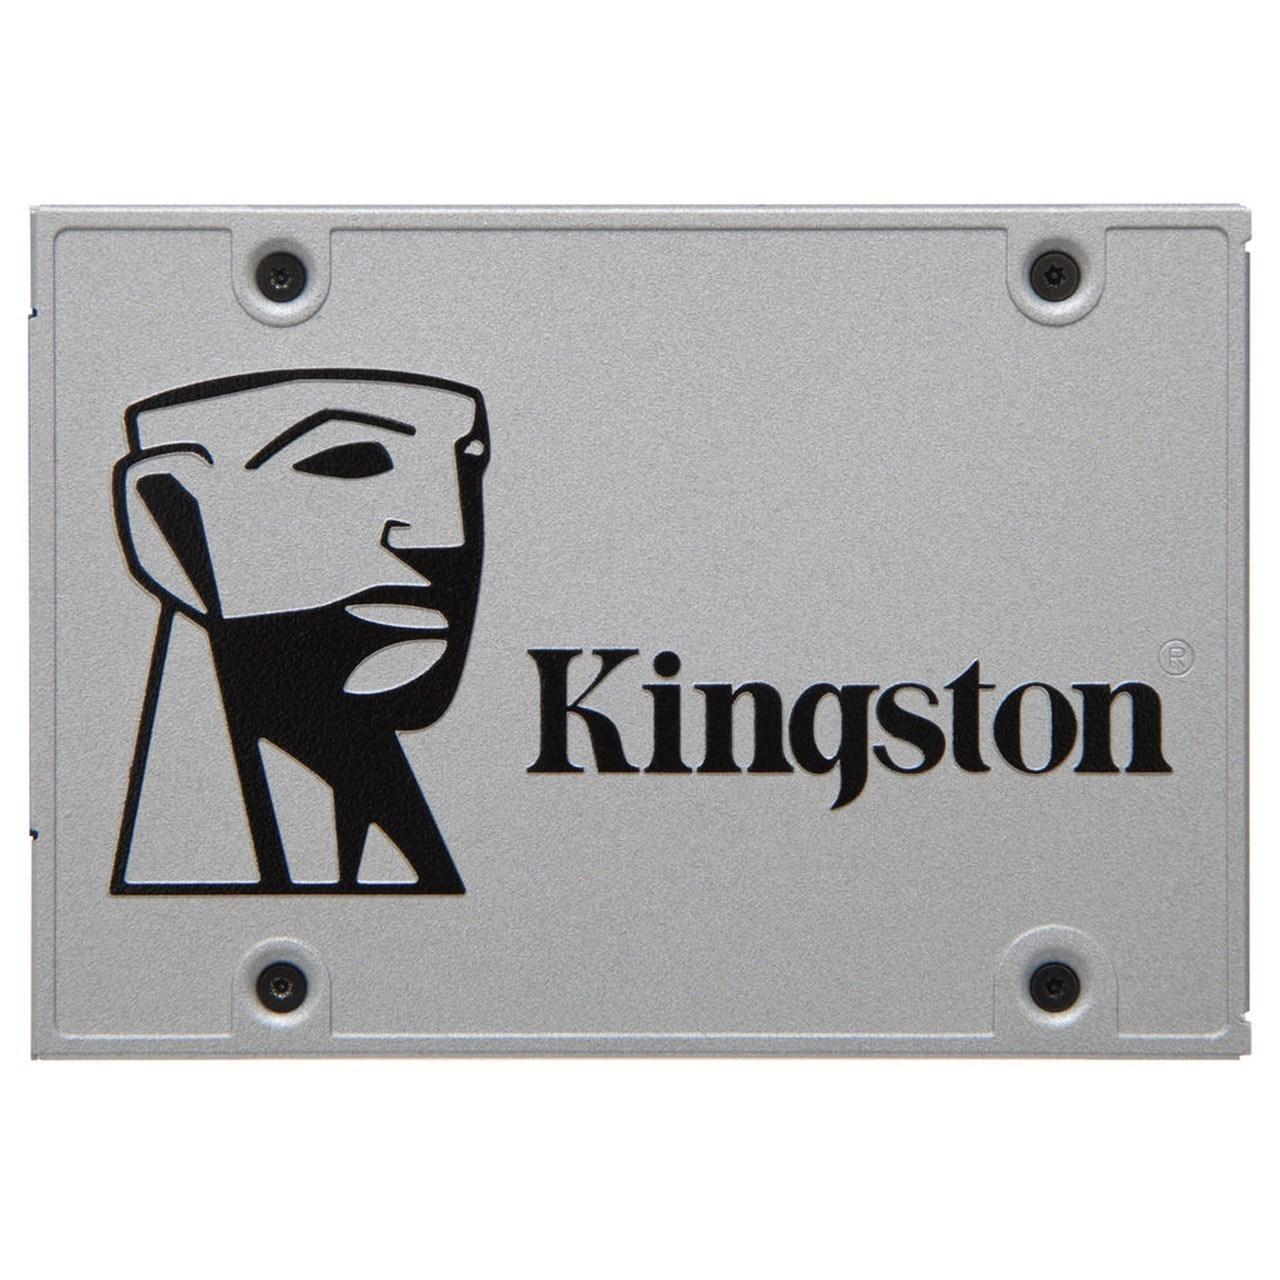 اس اس دی اینترنال کینگستون مدل SSDNow UV400 ظرفیت ۴۸۰ گیگابایت